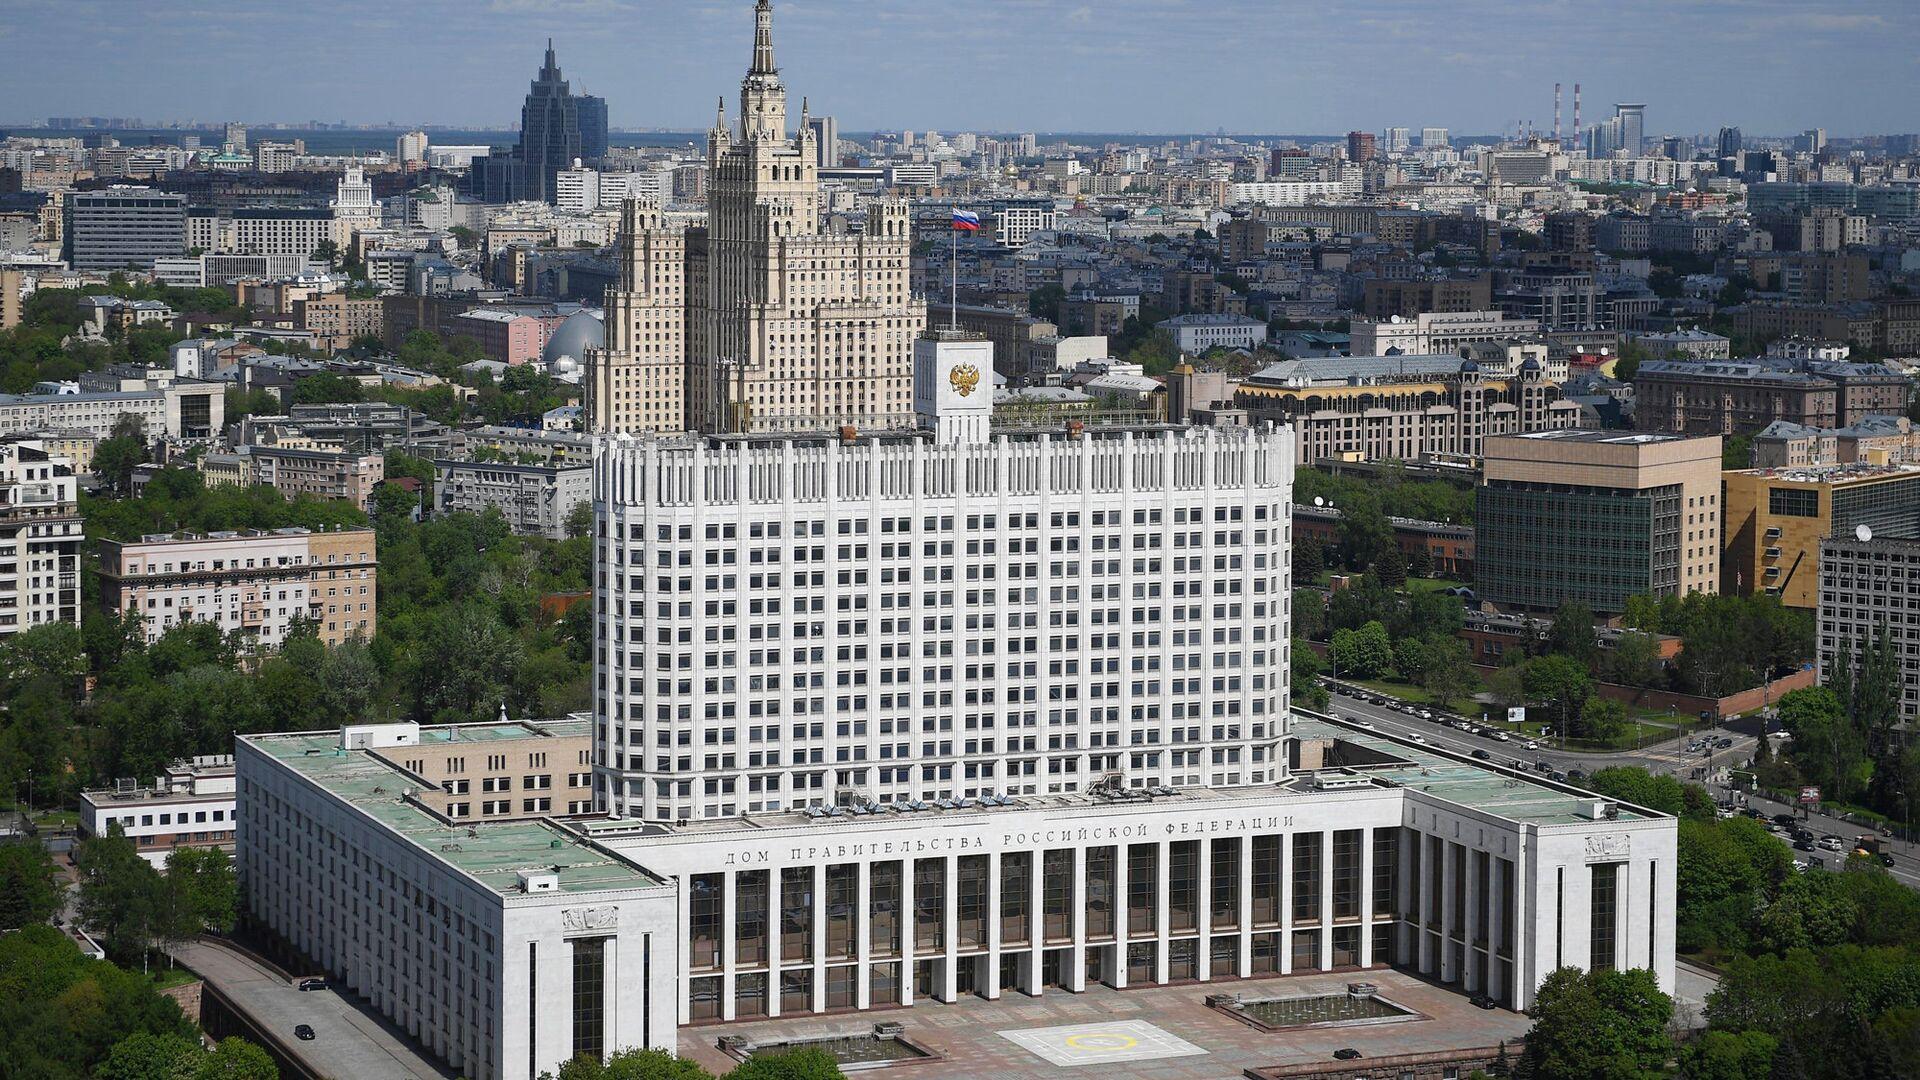 Дом Правительства РФ - РИА Новости, 1920, 27.09.2021